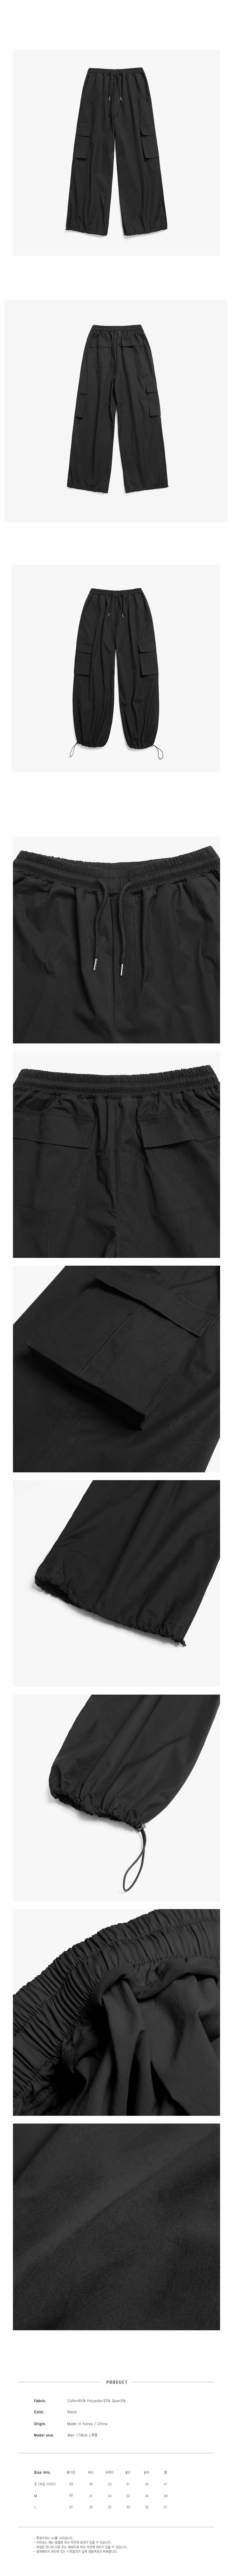 라퍼지스토어(LAFUDGESTORE) [썸머ver.]유틸리티 와이드 카고 조거팬츠_Black